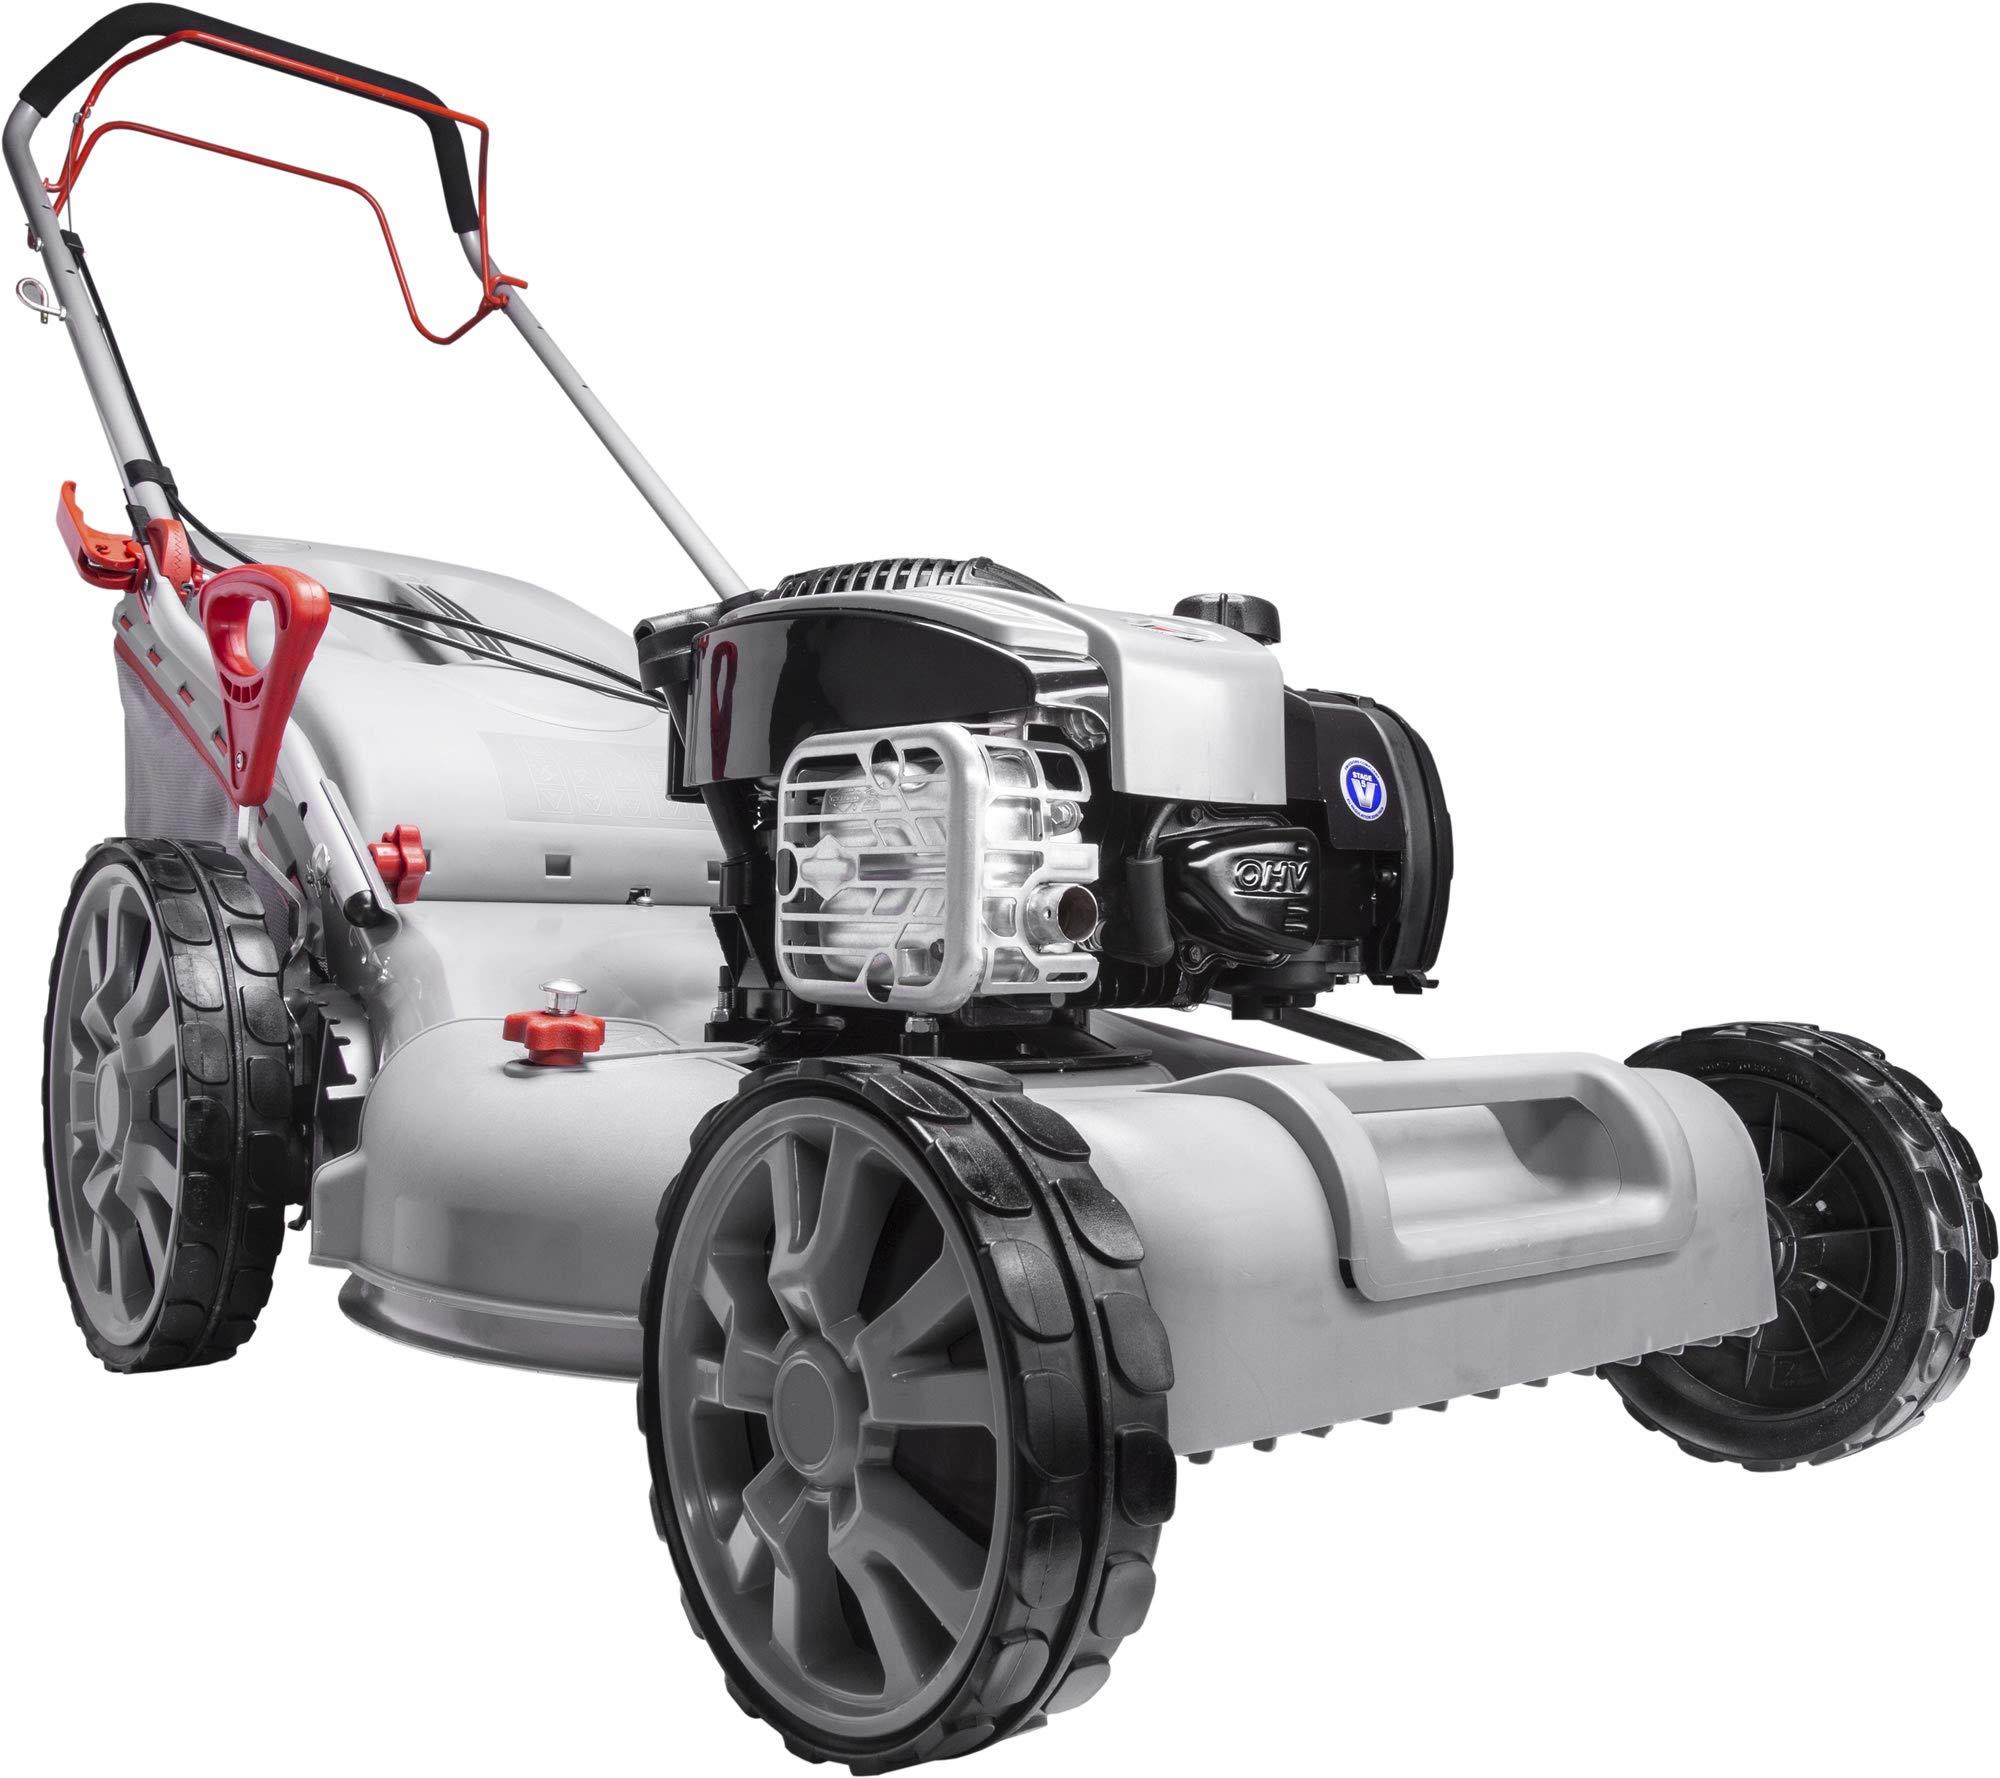 IKRA-Benzin-4in1-Rasenmher-Mulcher-IBRM-51S-BS625EXI-Briggs-Stratton-Motor-Schnittbreite-508cm